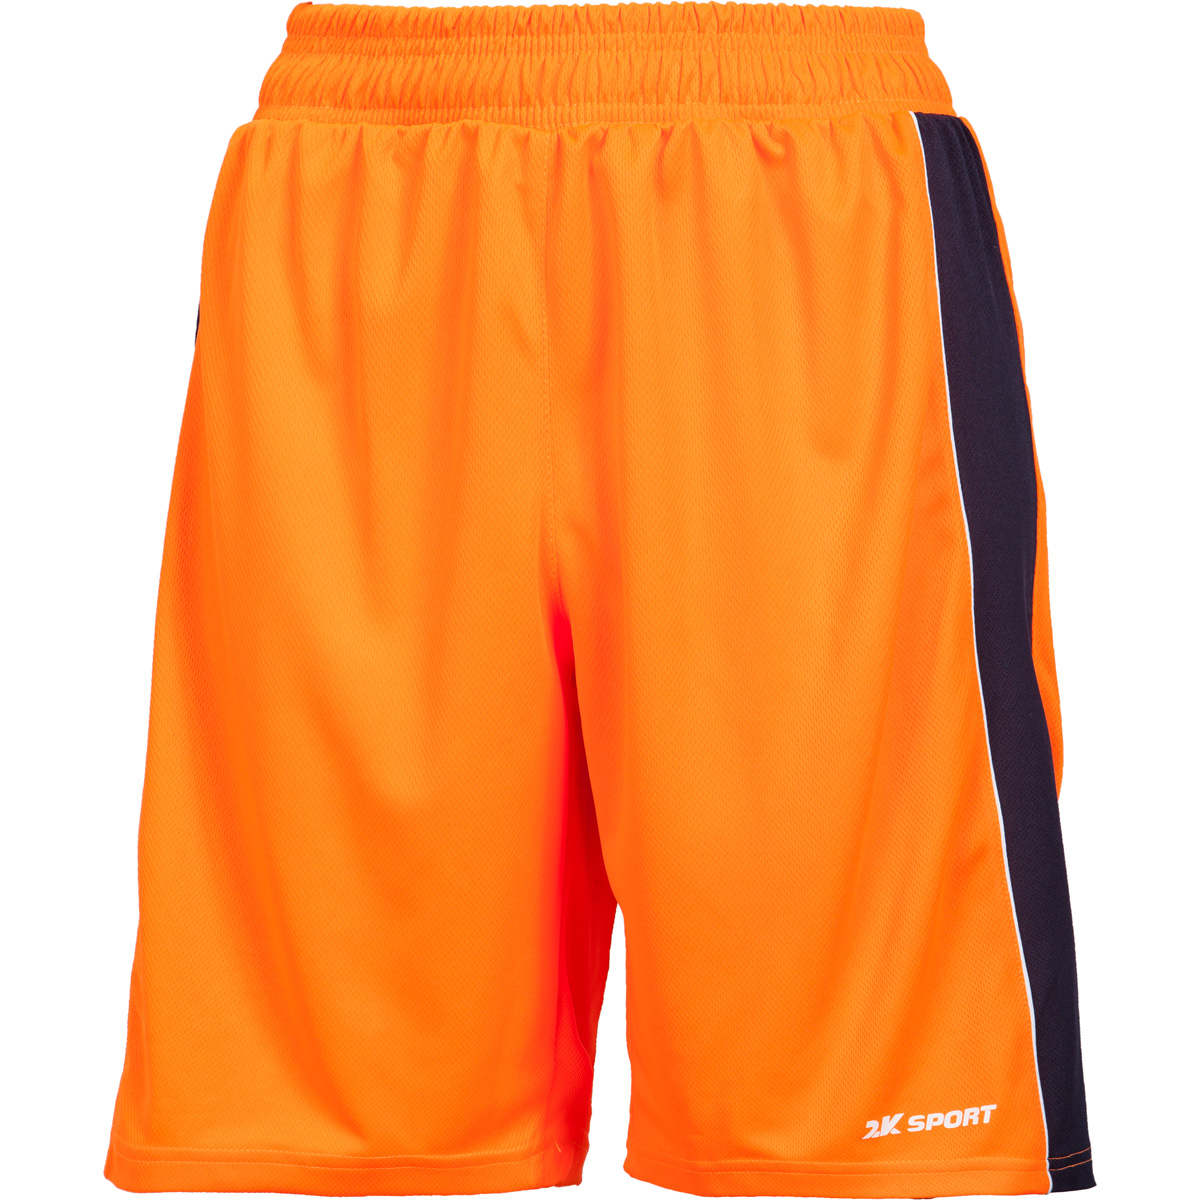 Шорты баскетбольные женские 2K Sport Advance, цвет: оранжевый, темно-синий, белый. 130033. Размер M (44/46)130033_neon-orange/navy/whiteПрофессиональные женские баскетбольные шорты 2K Sport Advance созданы для того, чтобы вам ничего не мешало демонстрировать великолепную игру на паркете против самых грозных соперников. Особая сетчатая структура ткани позволяет сделать шорты практически невесомыми, сохраняя при этом прочность и эластичность. Эластичный пояс с регулируемым внутренним шнурком для комфортабельной посадки. Шорты выполнены в свободном крое с кантом чуть выше колена.